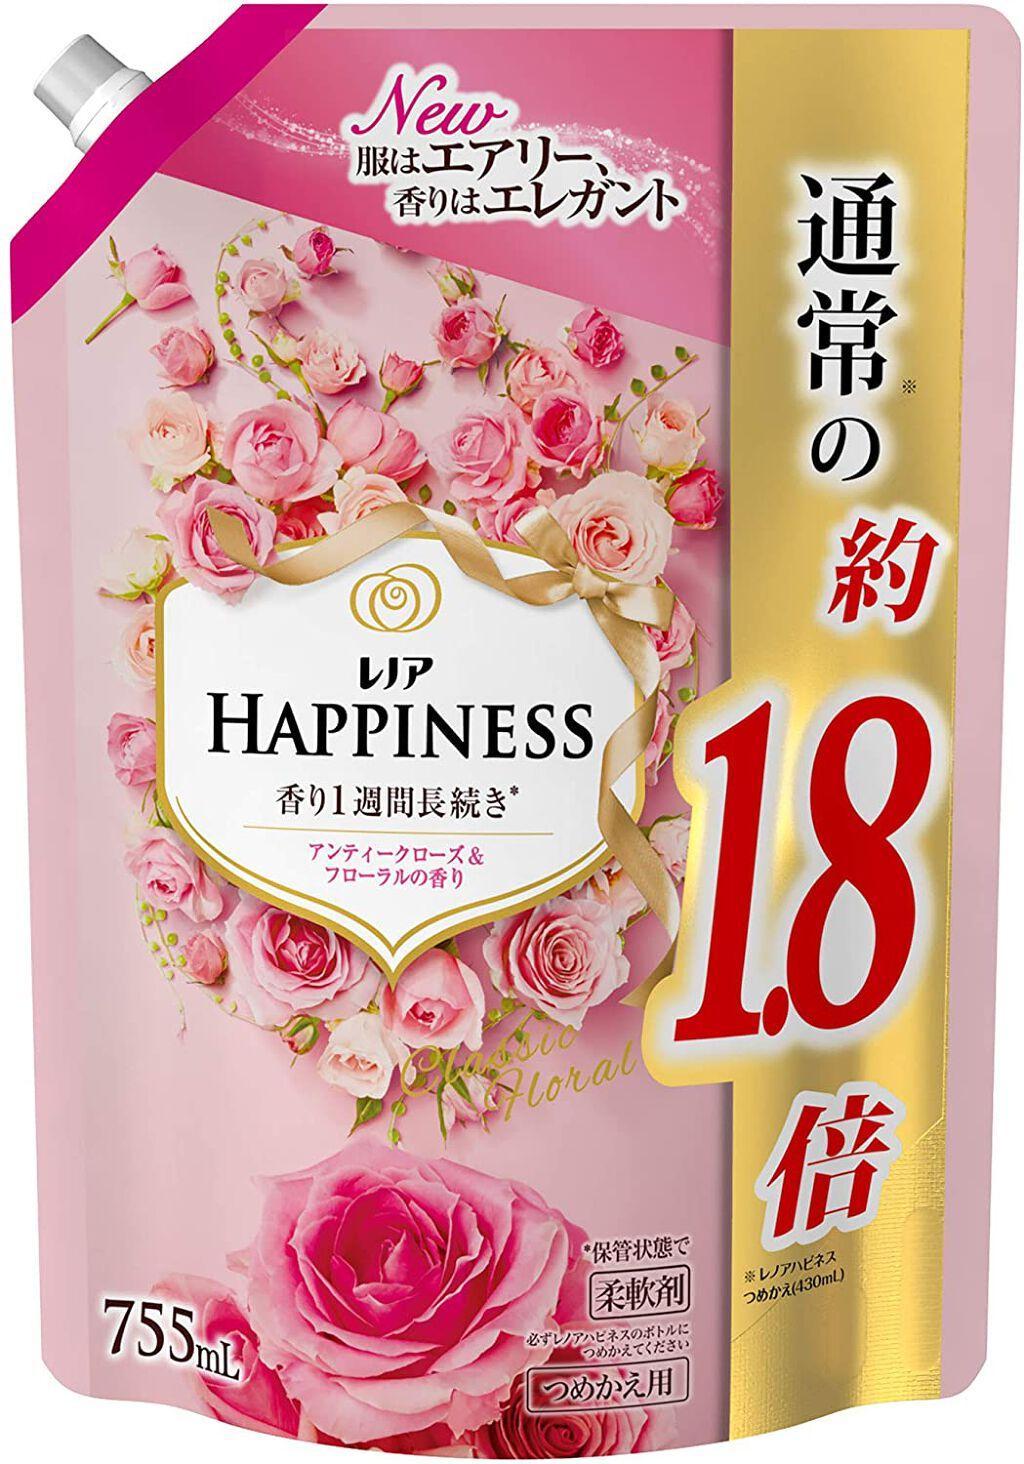 レノアハピネス アンティークローズ&フローラルの香り 755ml